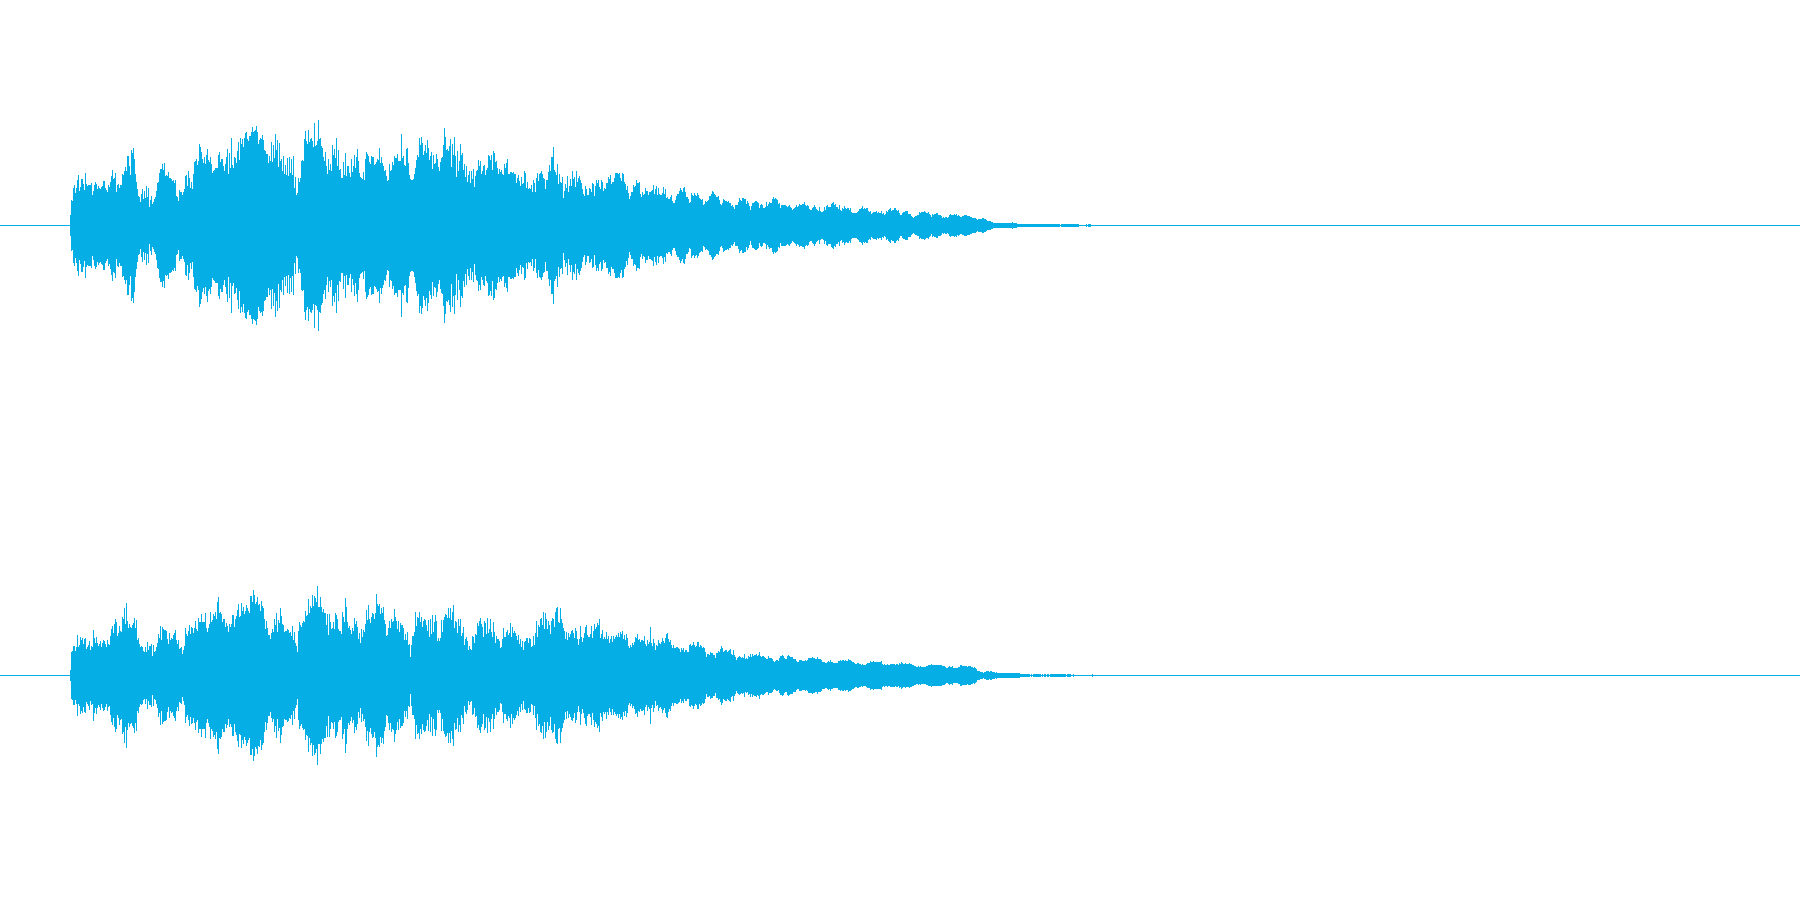 ジングル(軽やかコーナーアタック風)の再生済みの波形